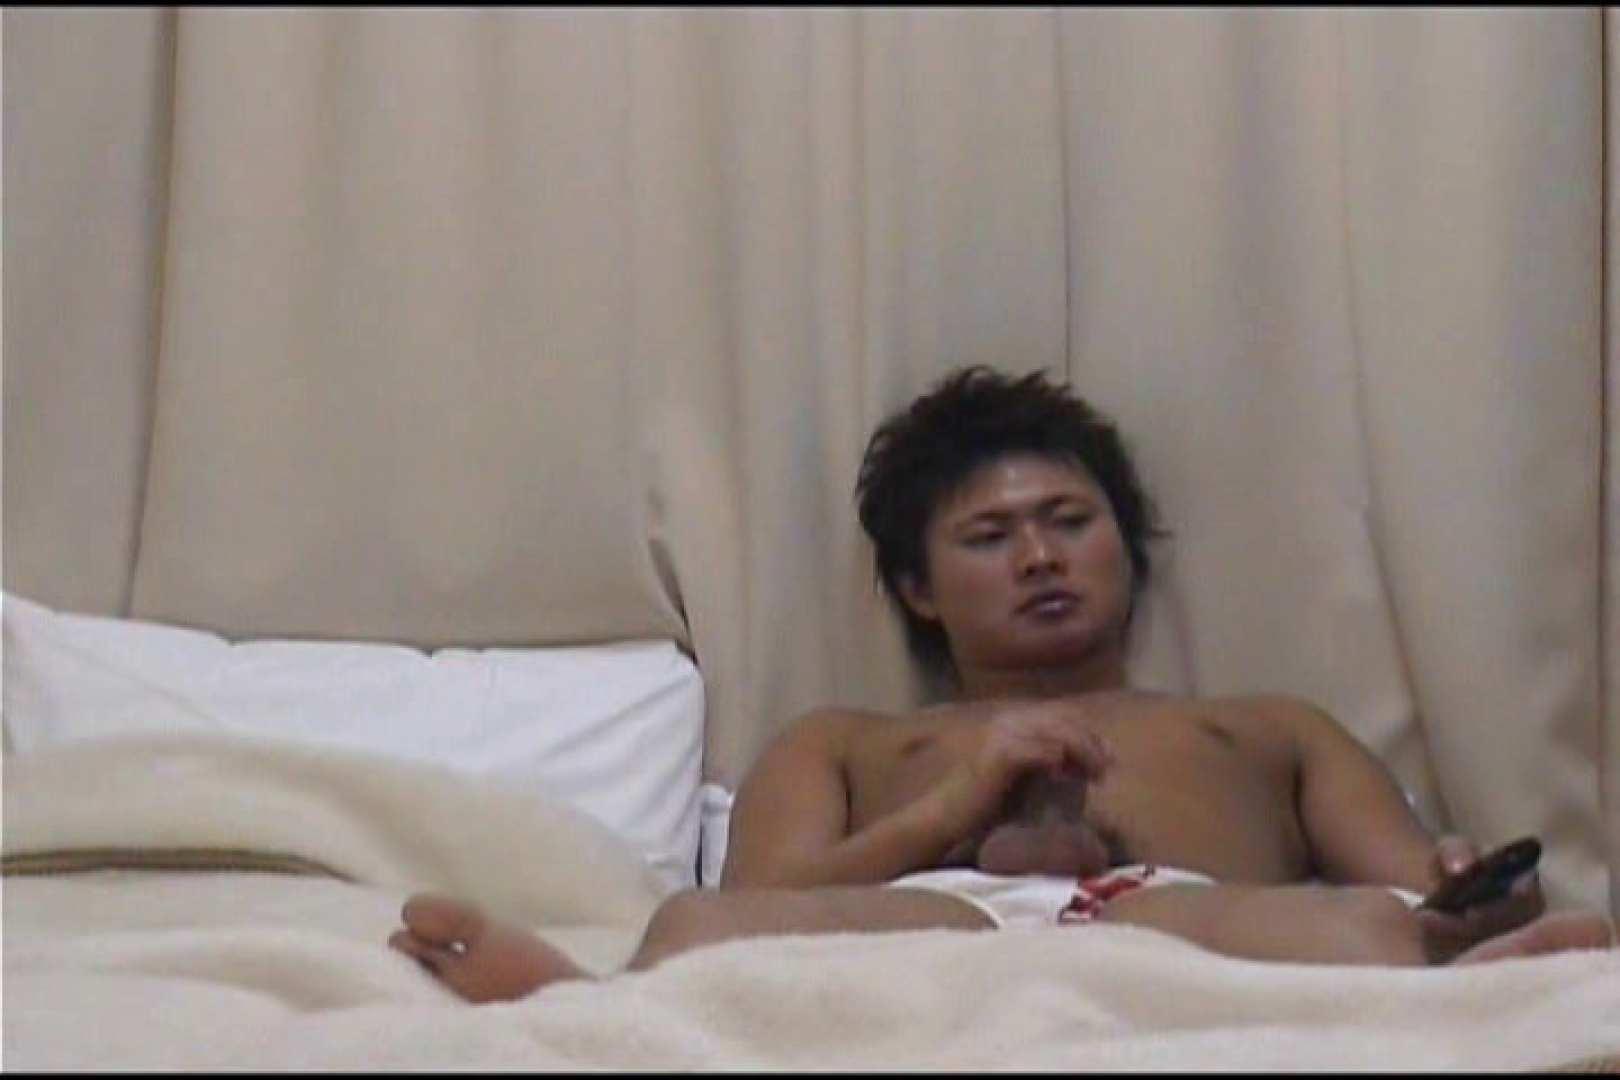 目線解禁!ノンケイケメン自慰行為編特集!VOL.01 裸 ゲイアダルト画像 69連発 43